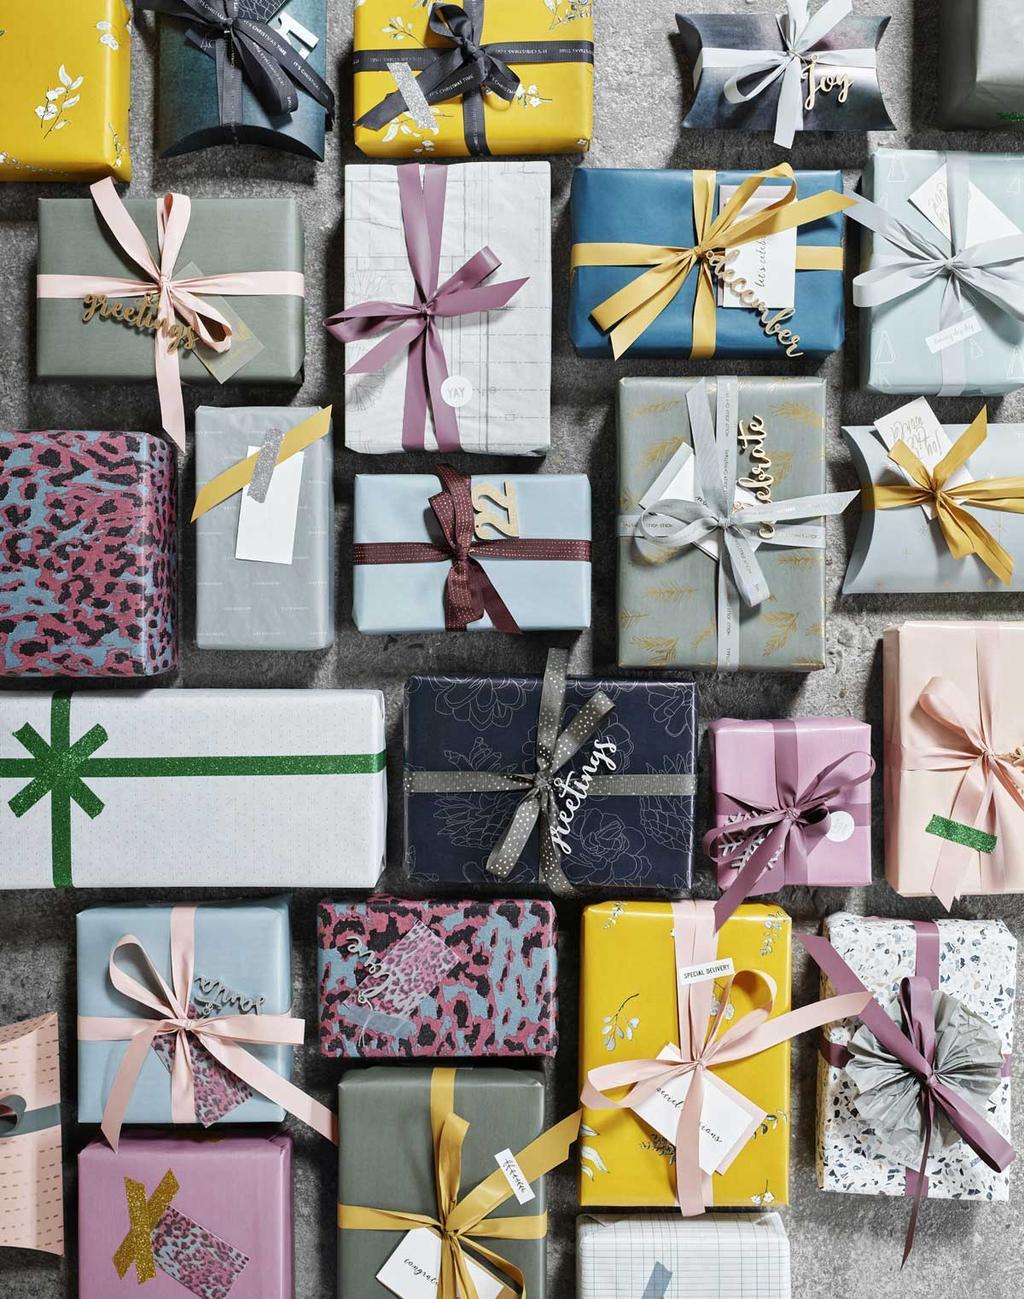 Ingepakte cadeautjes voor de feestdagen van Monograph met 16 cadeau ideeën.